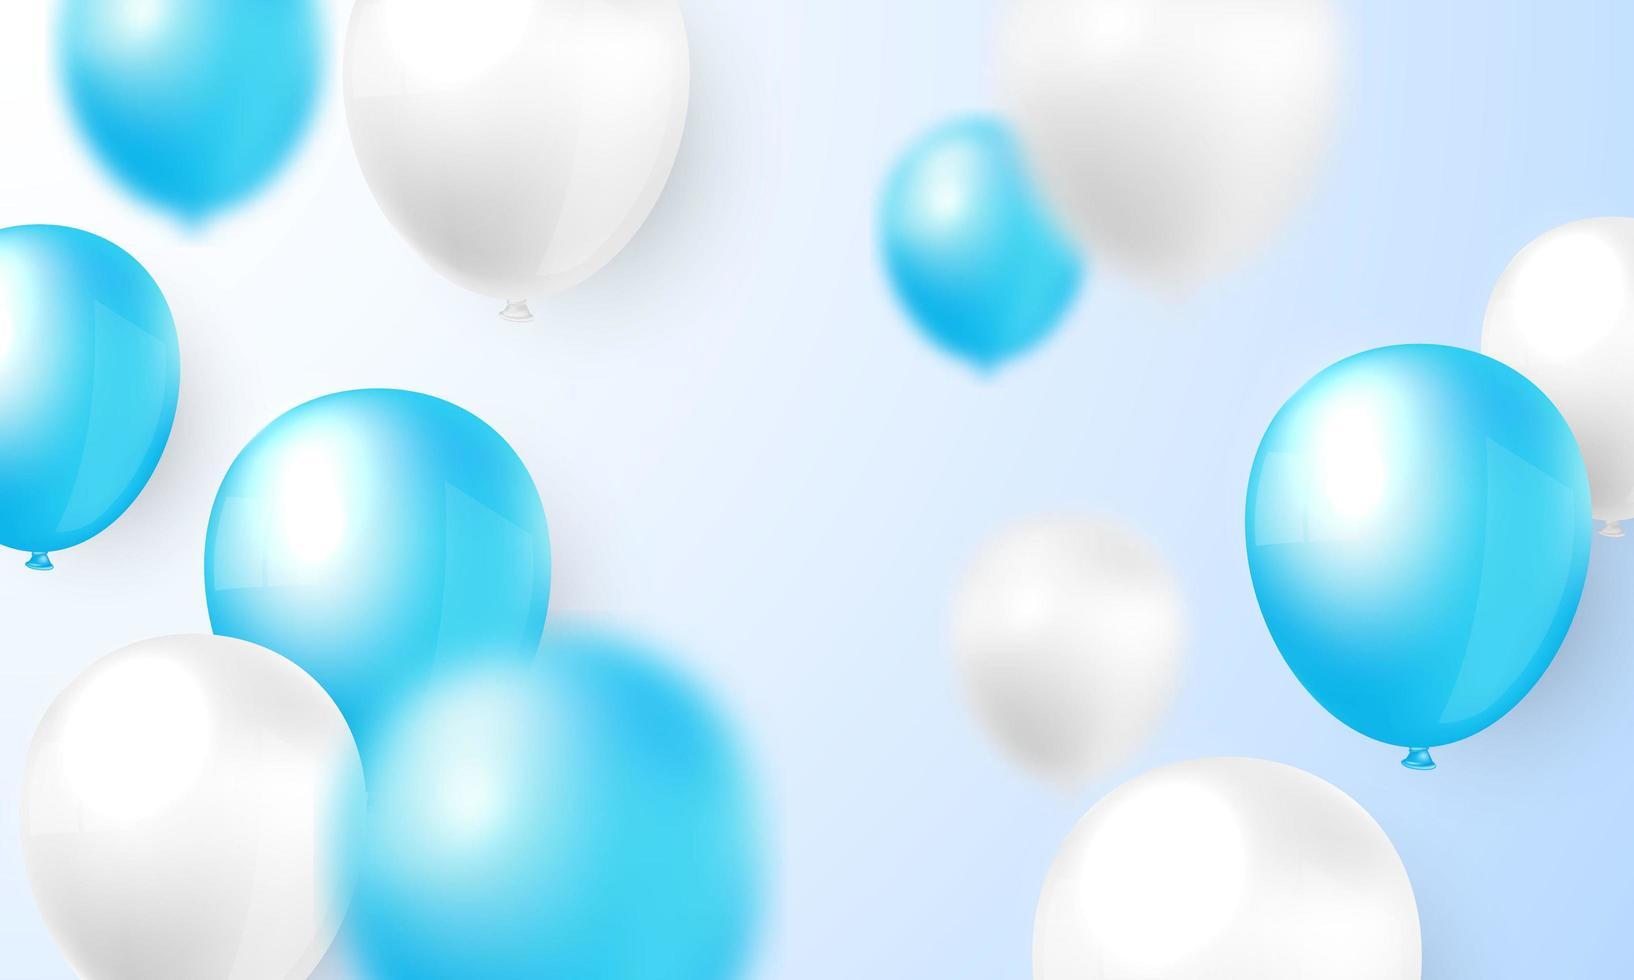 conception de ballon flou bleu et blanc vecteur